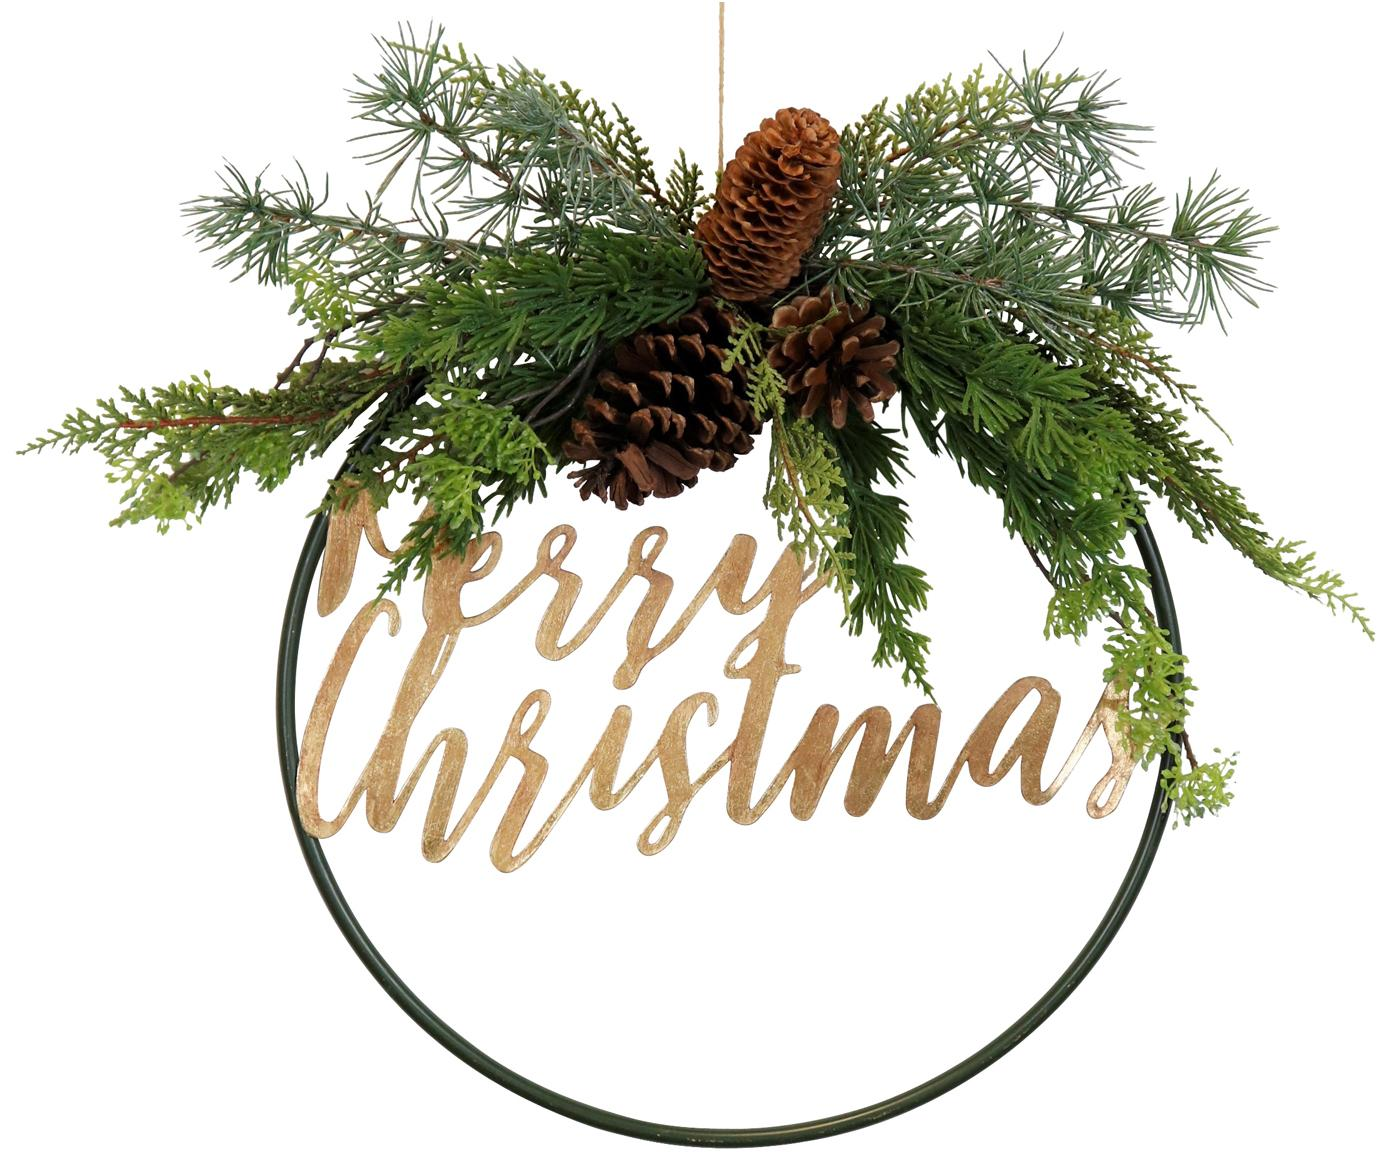 Ciondolo decorativo Merry Christmas, Metallo, plastica, tenone, Verde, marrone, Ø 36 cm